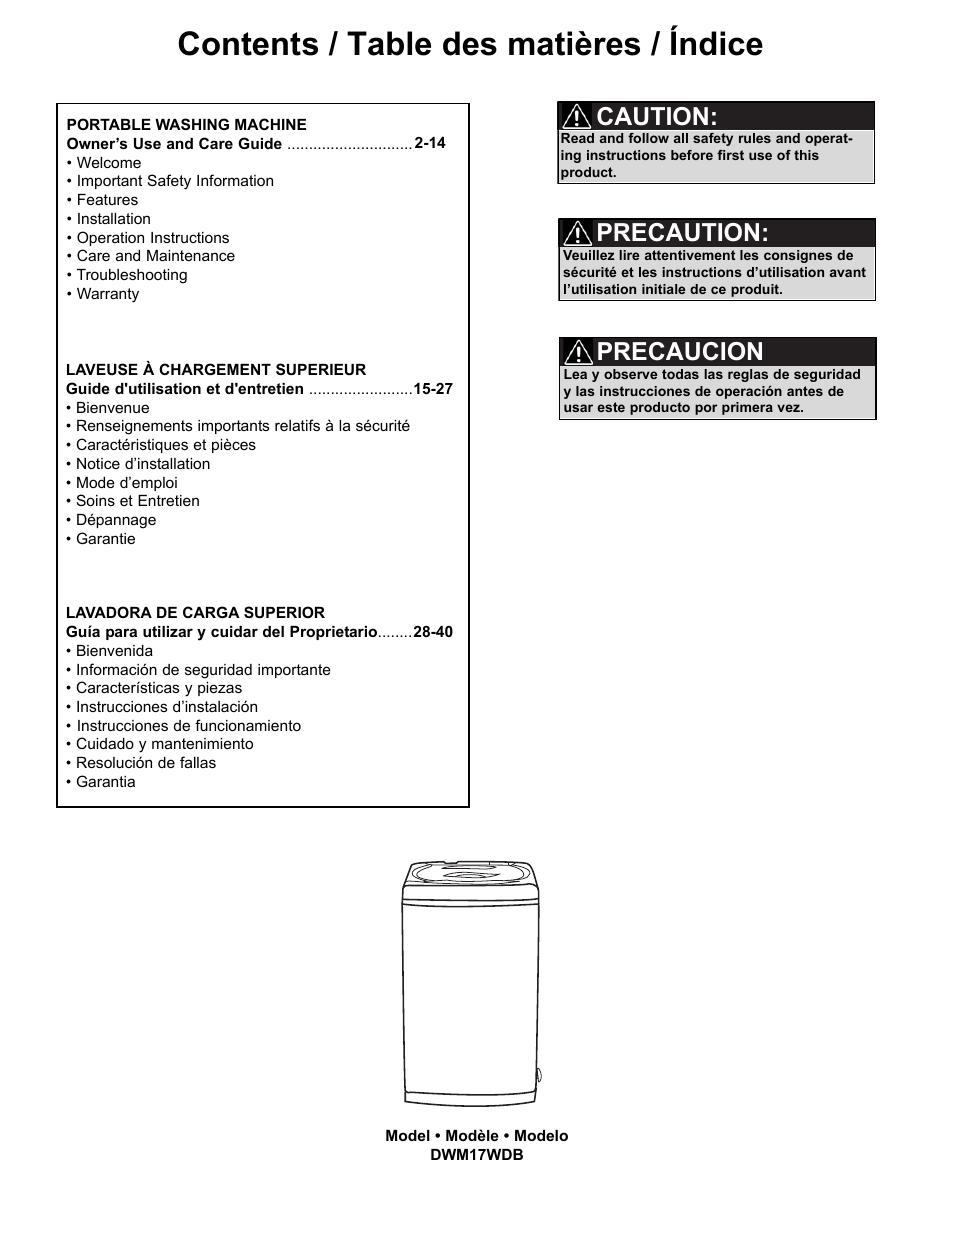 Danby dpac10030 user manual | page 54 / 65 | original mode.